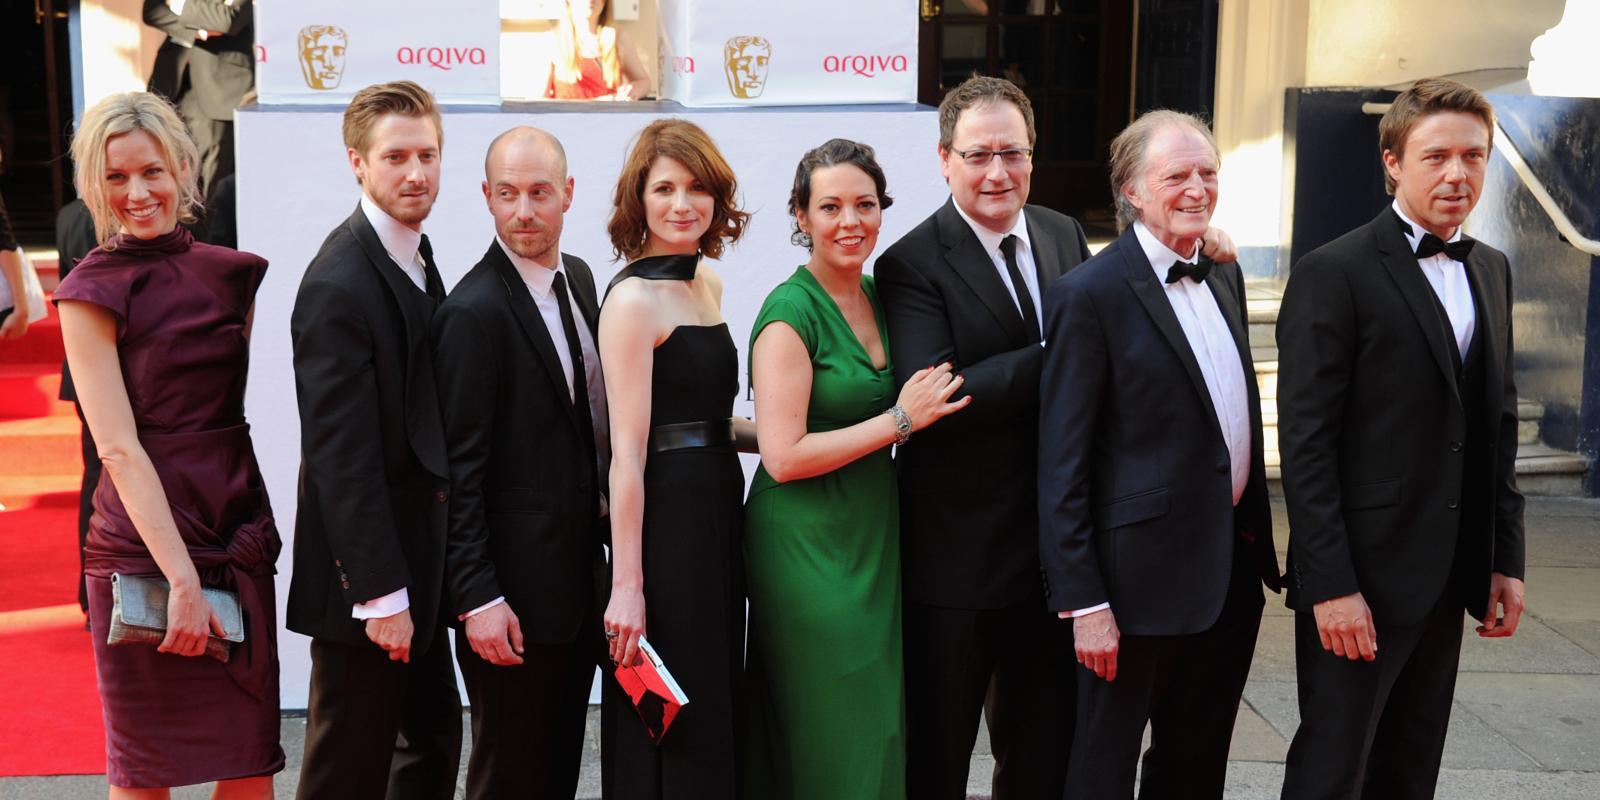 BAFTA TV Awards 2014: Broadchurch, The IT Crowd lead winners